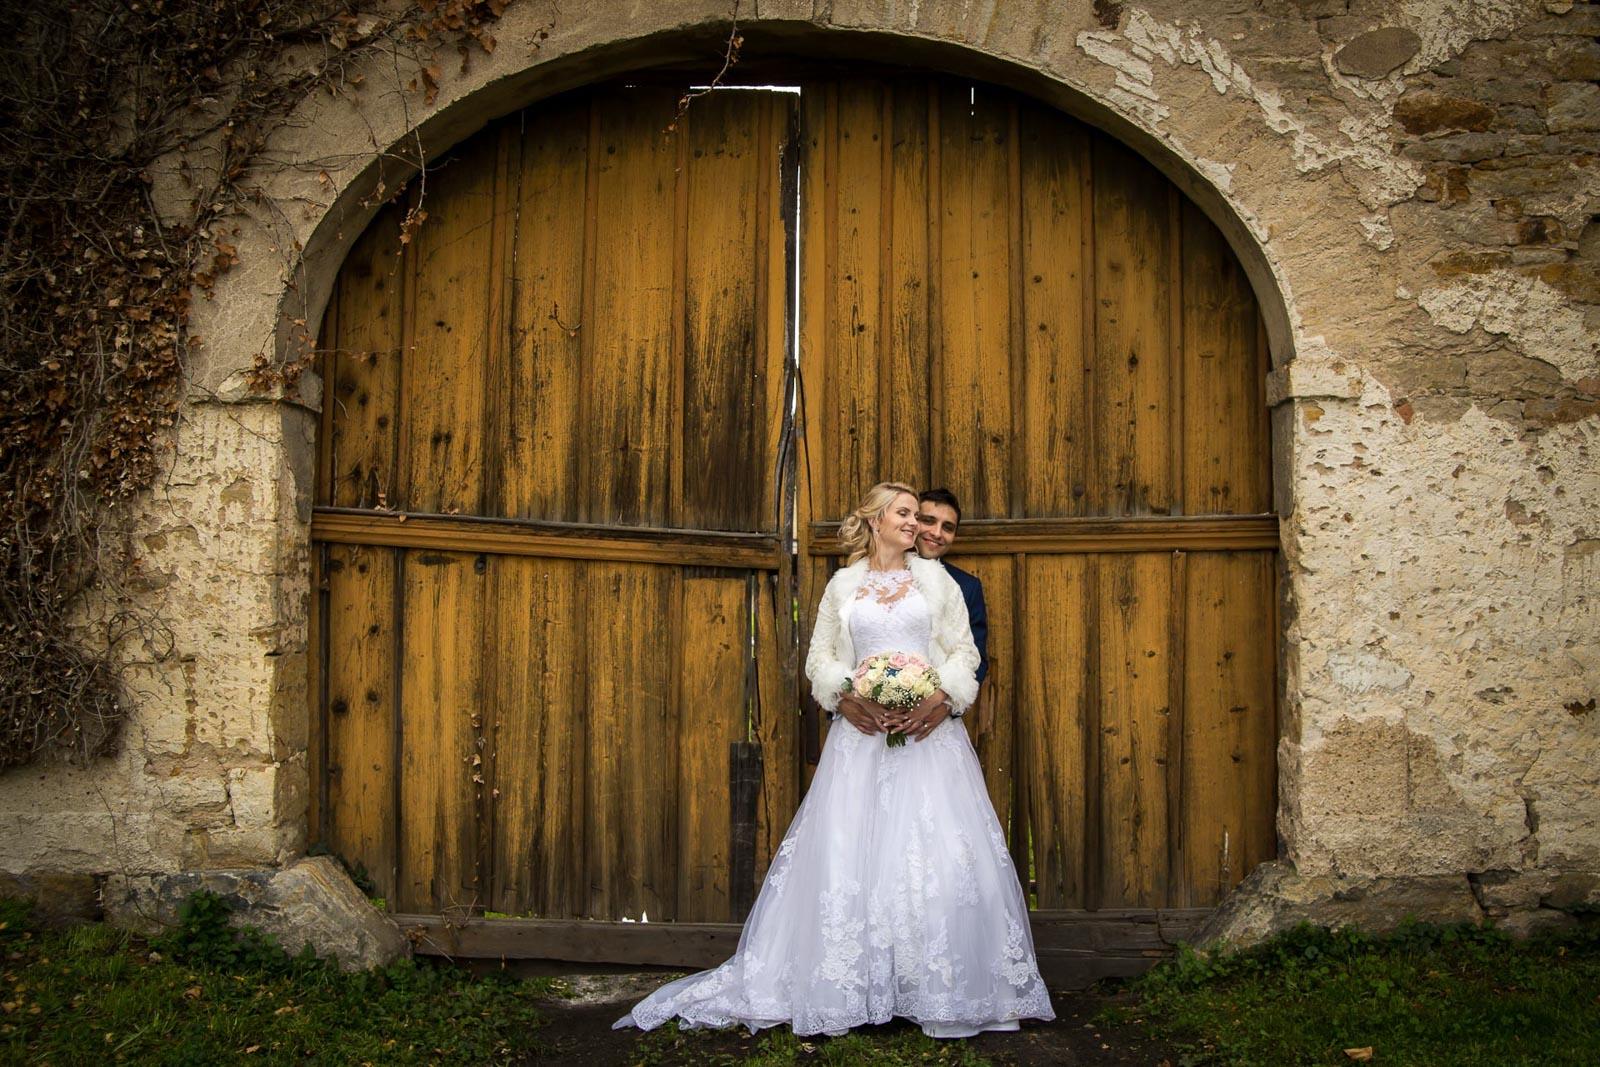 svatba Praha Celakovice svatebni fotograf-442